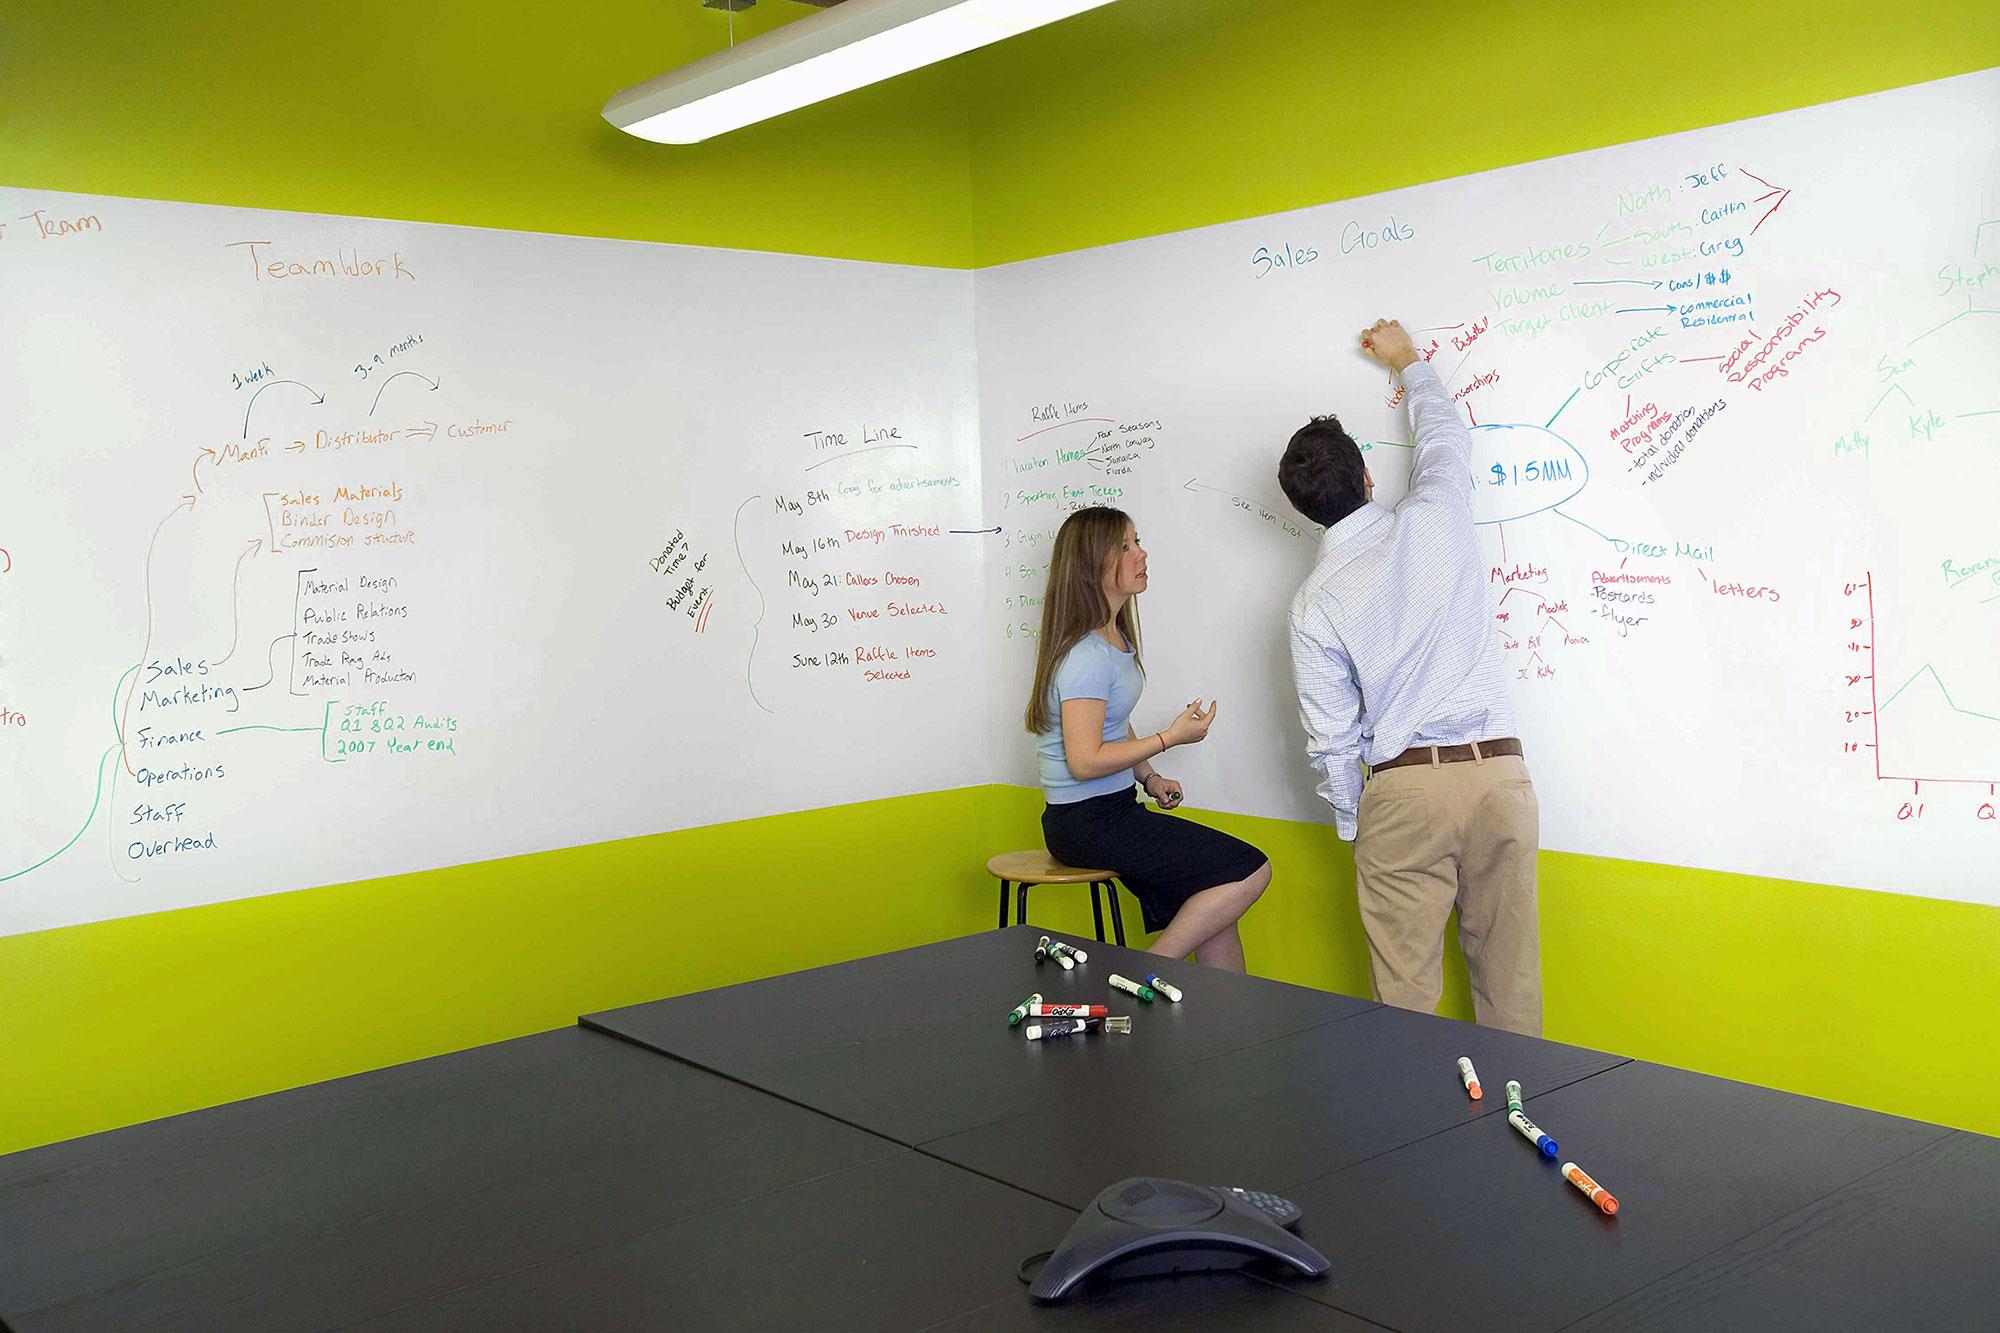 Маркер-краска очень удобна для офисной работы